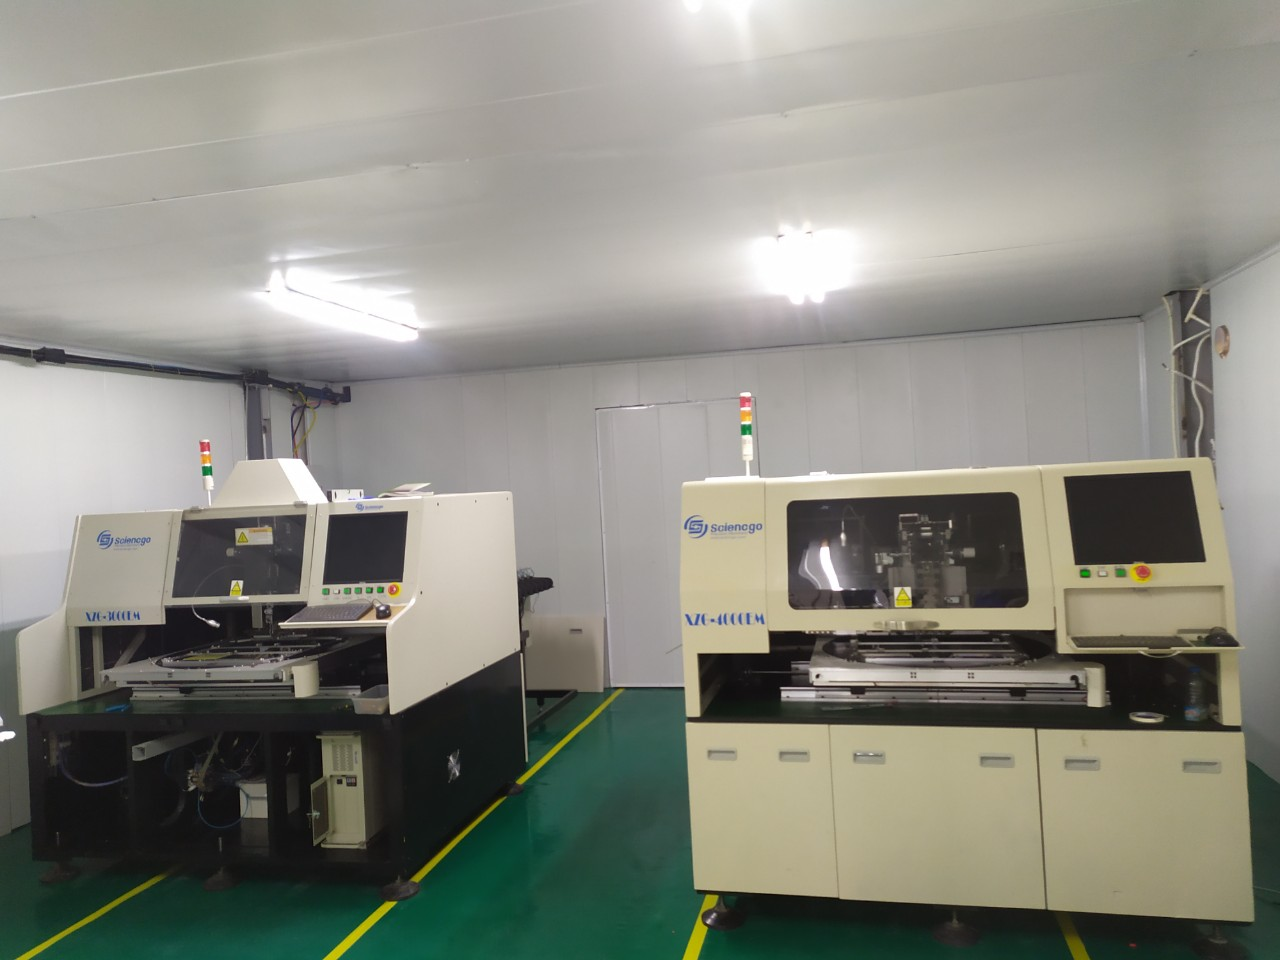 Transmission assembly assembly line